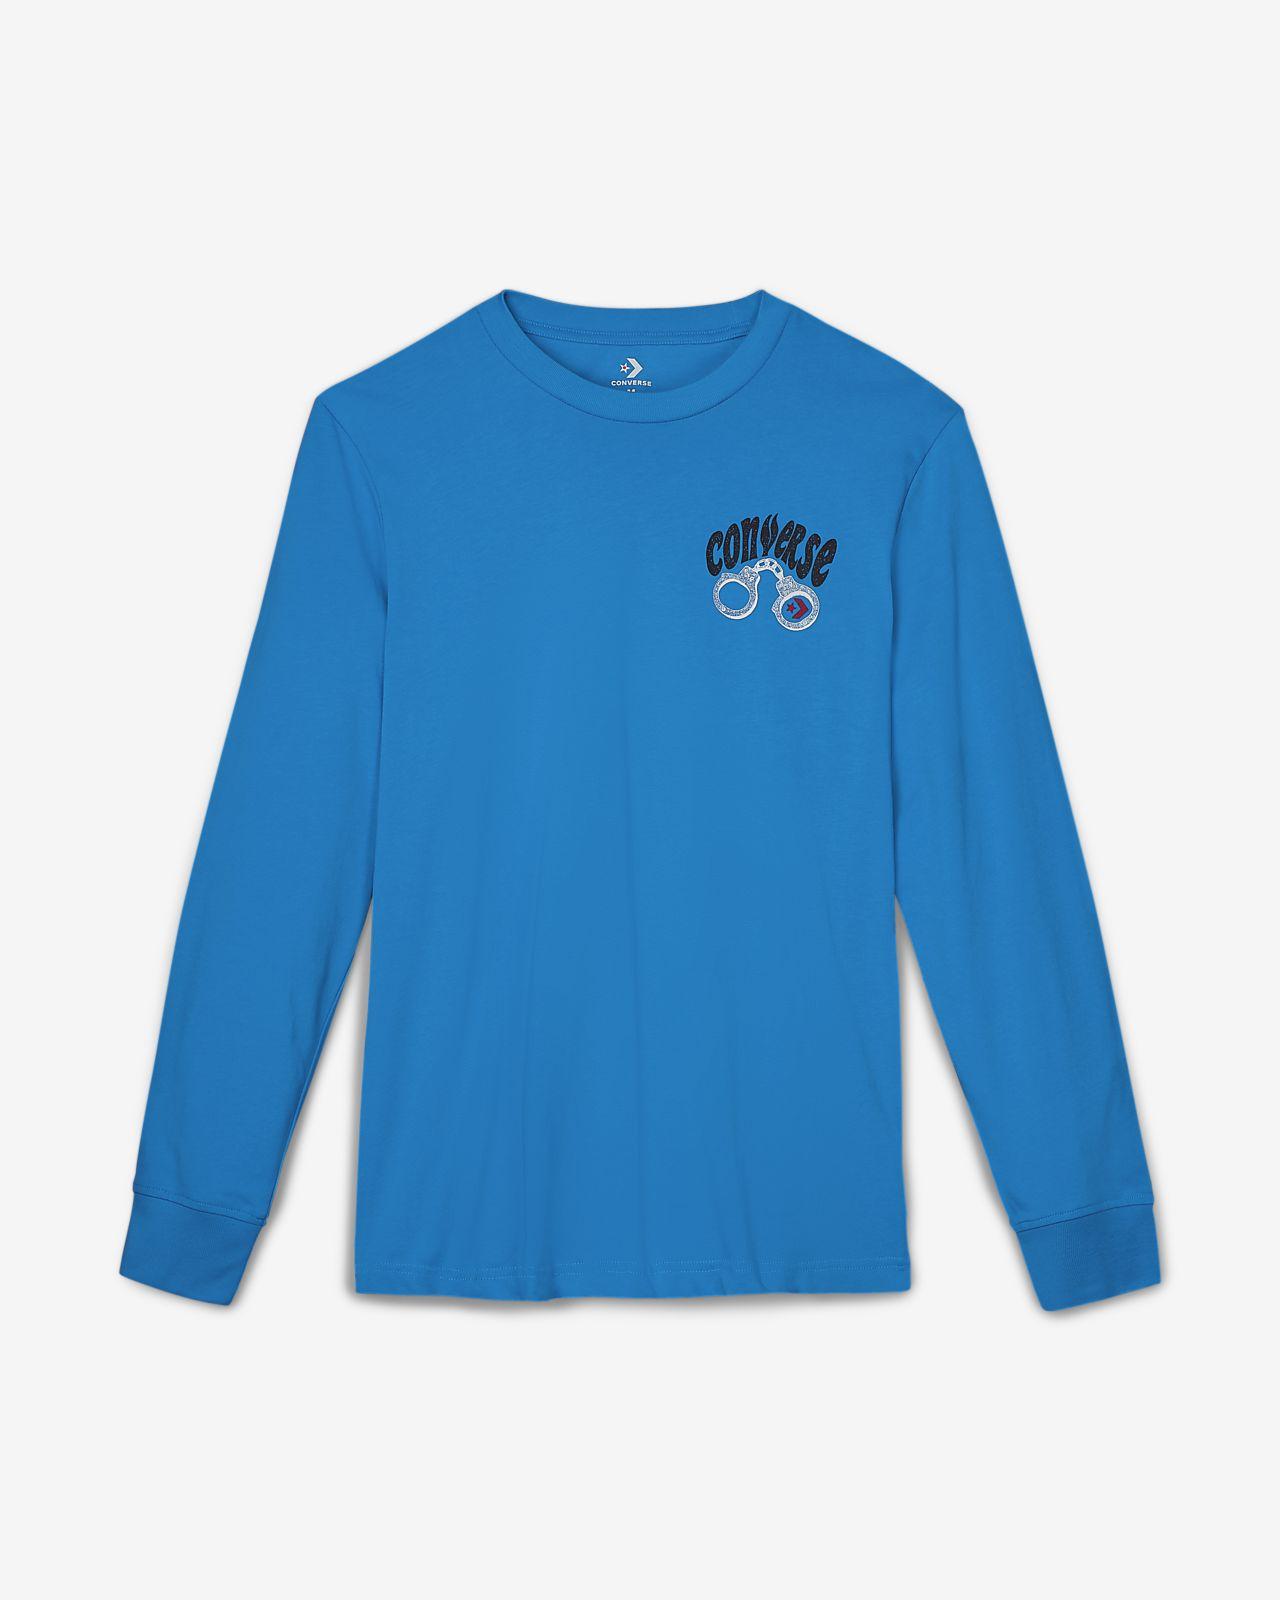 Converse Better Luck Next Time  Men's Long-Sleeve T-Shirt